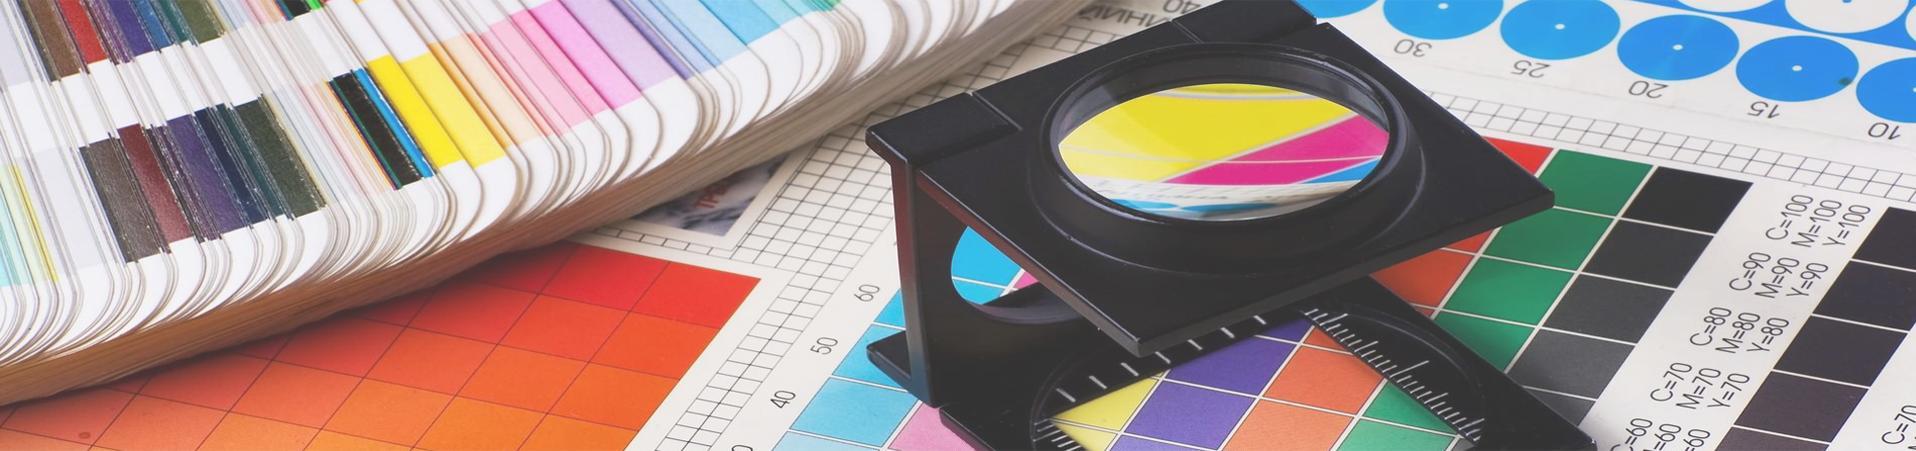 цифровая типография с широким спектром услуг